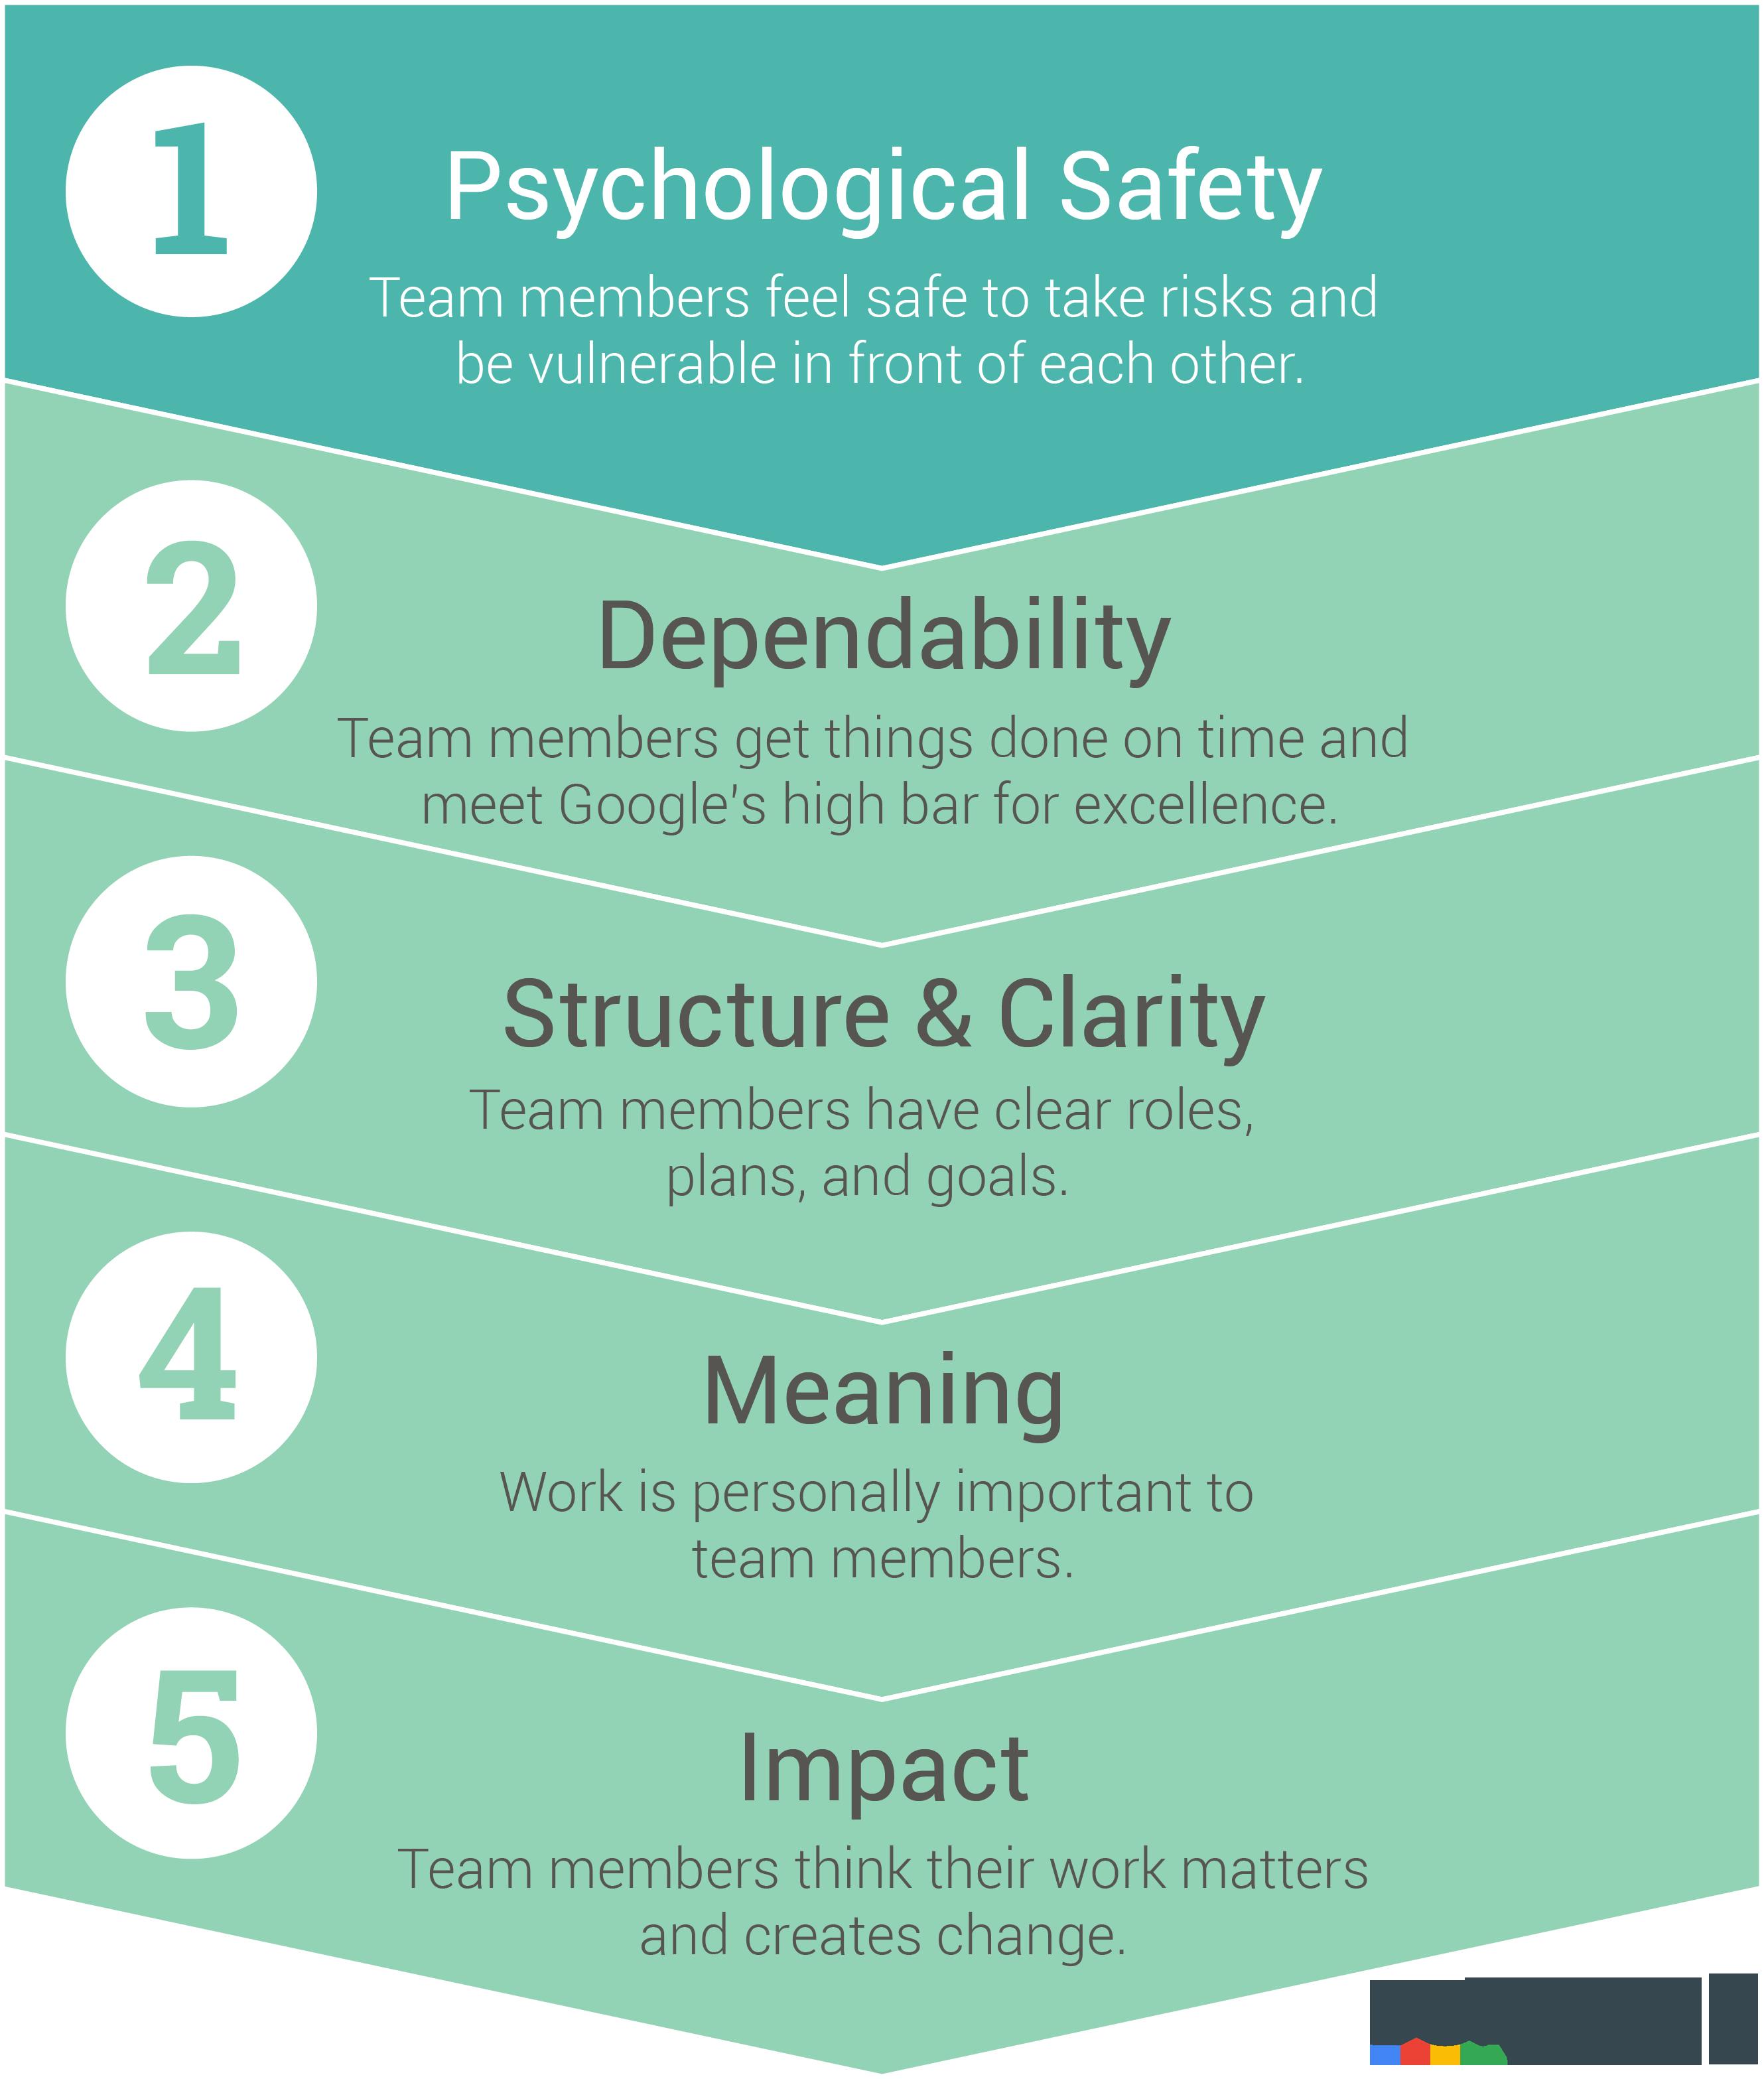 Google 研究发现,这 5 个因素决定了一个团队是成功还是平庸